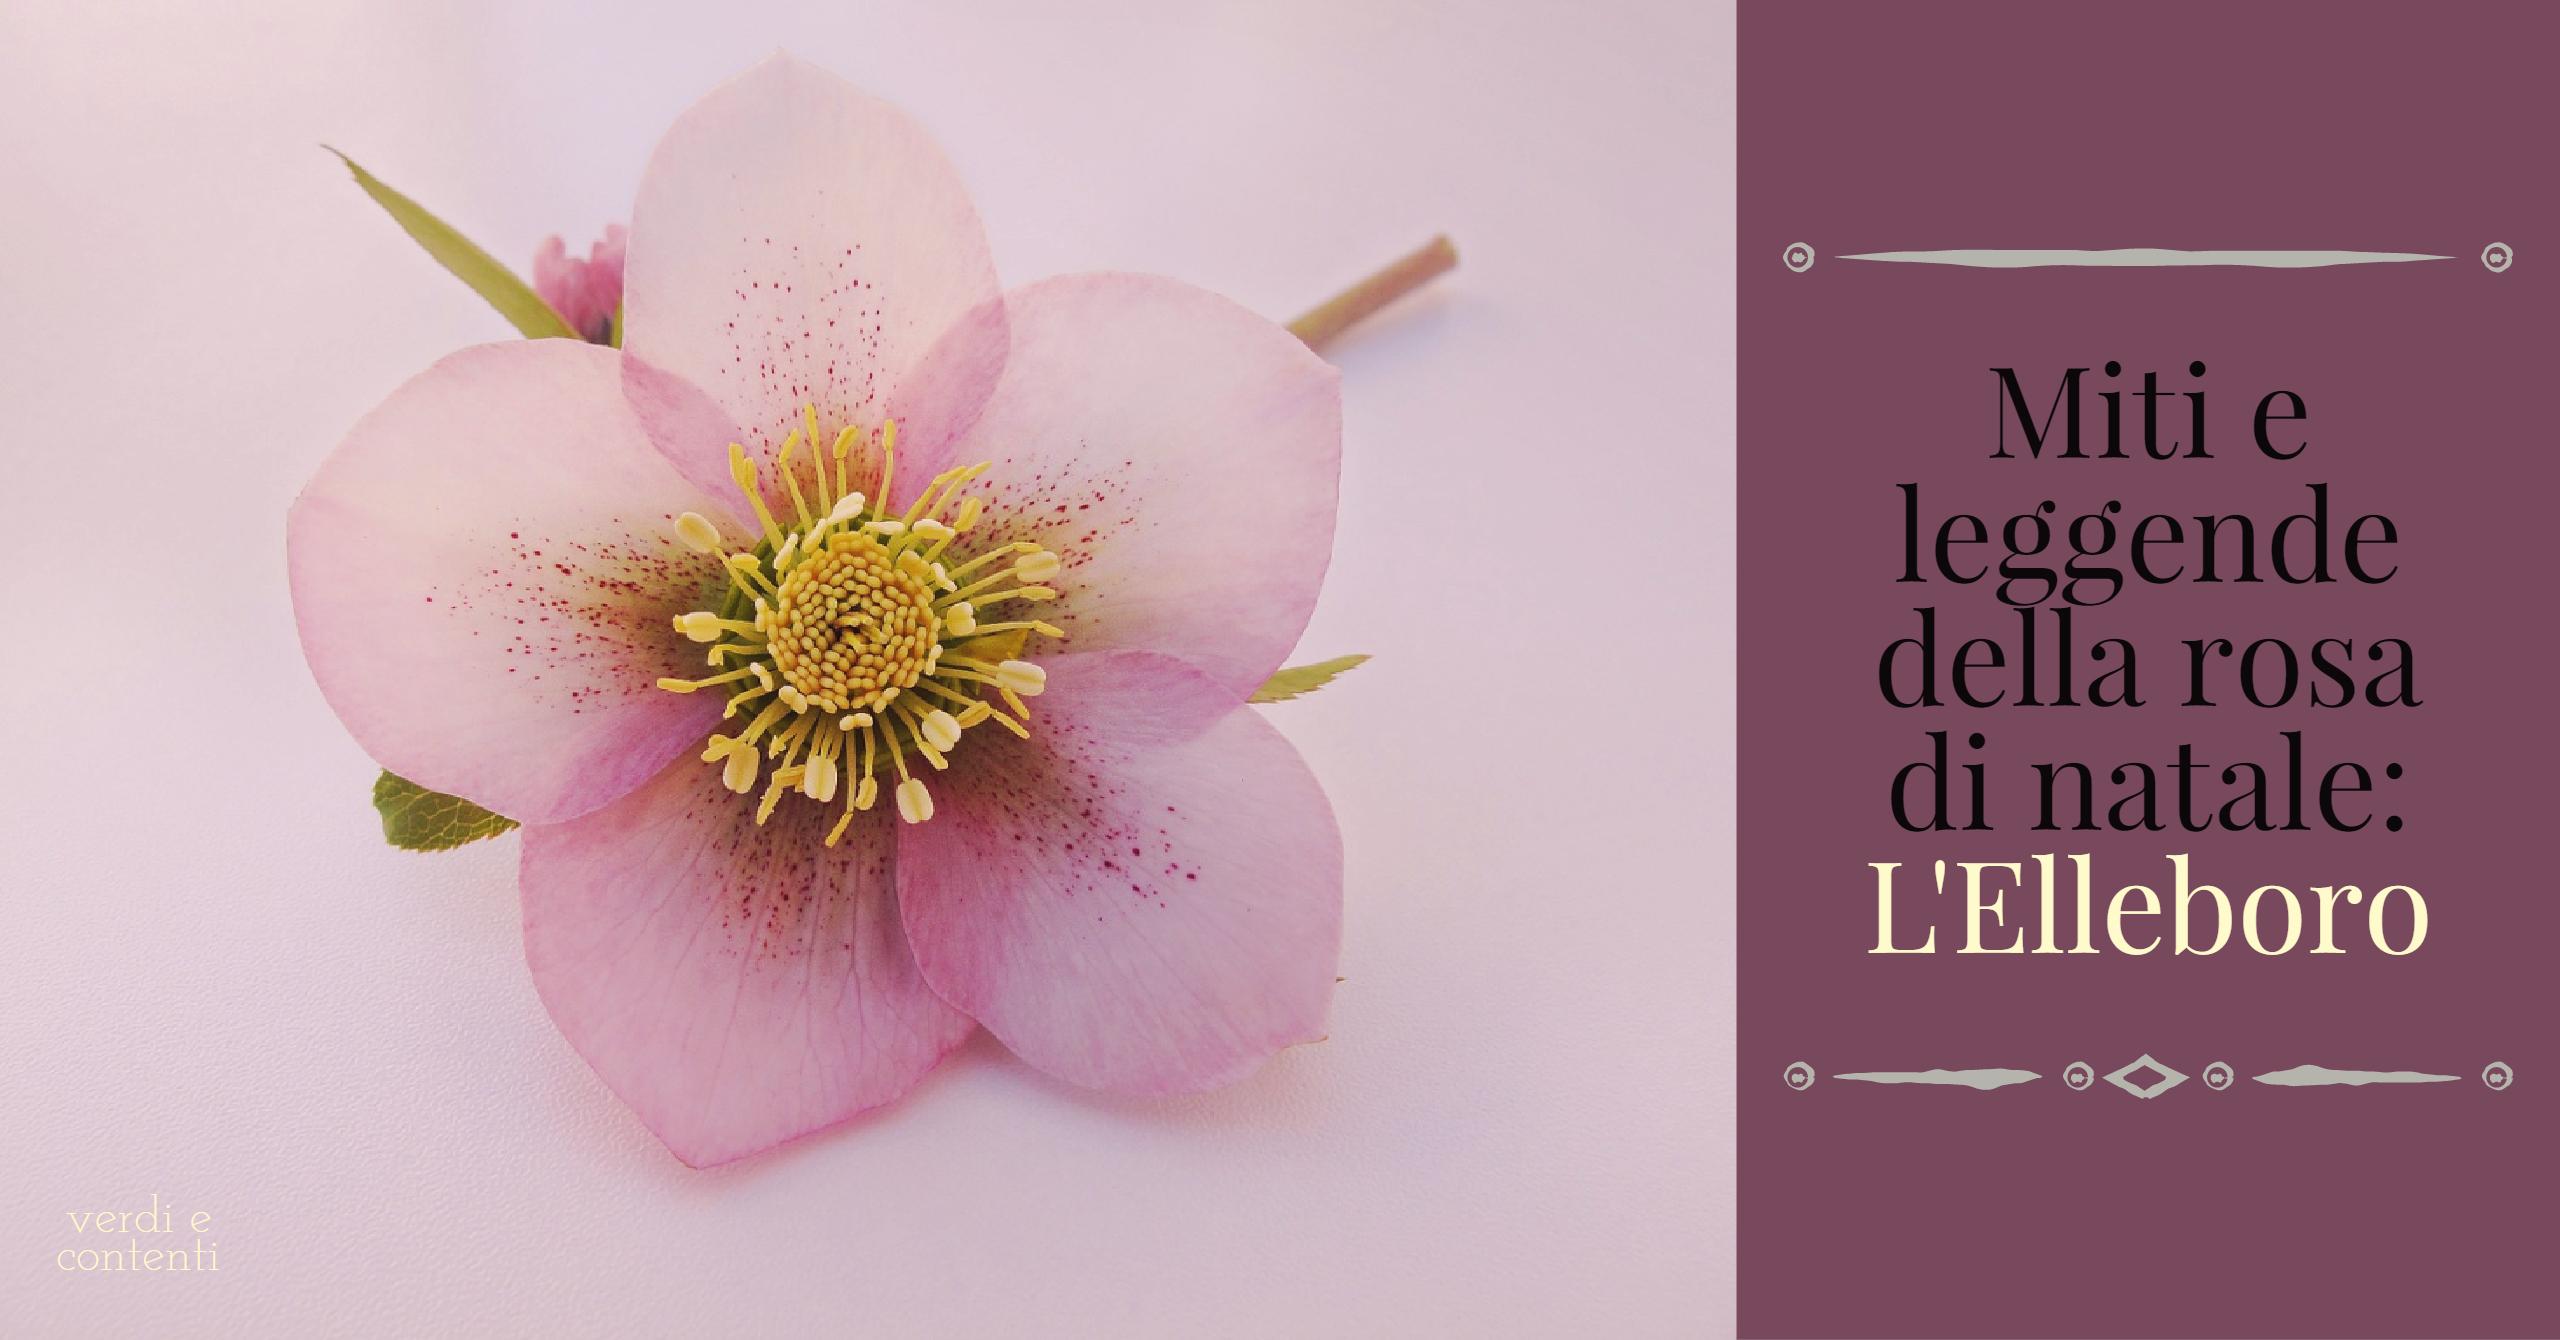 Miti e leggende della rosa di natale: L'ELLEBORO